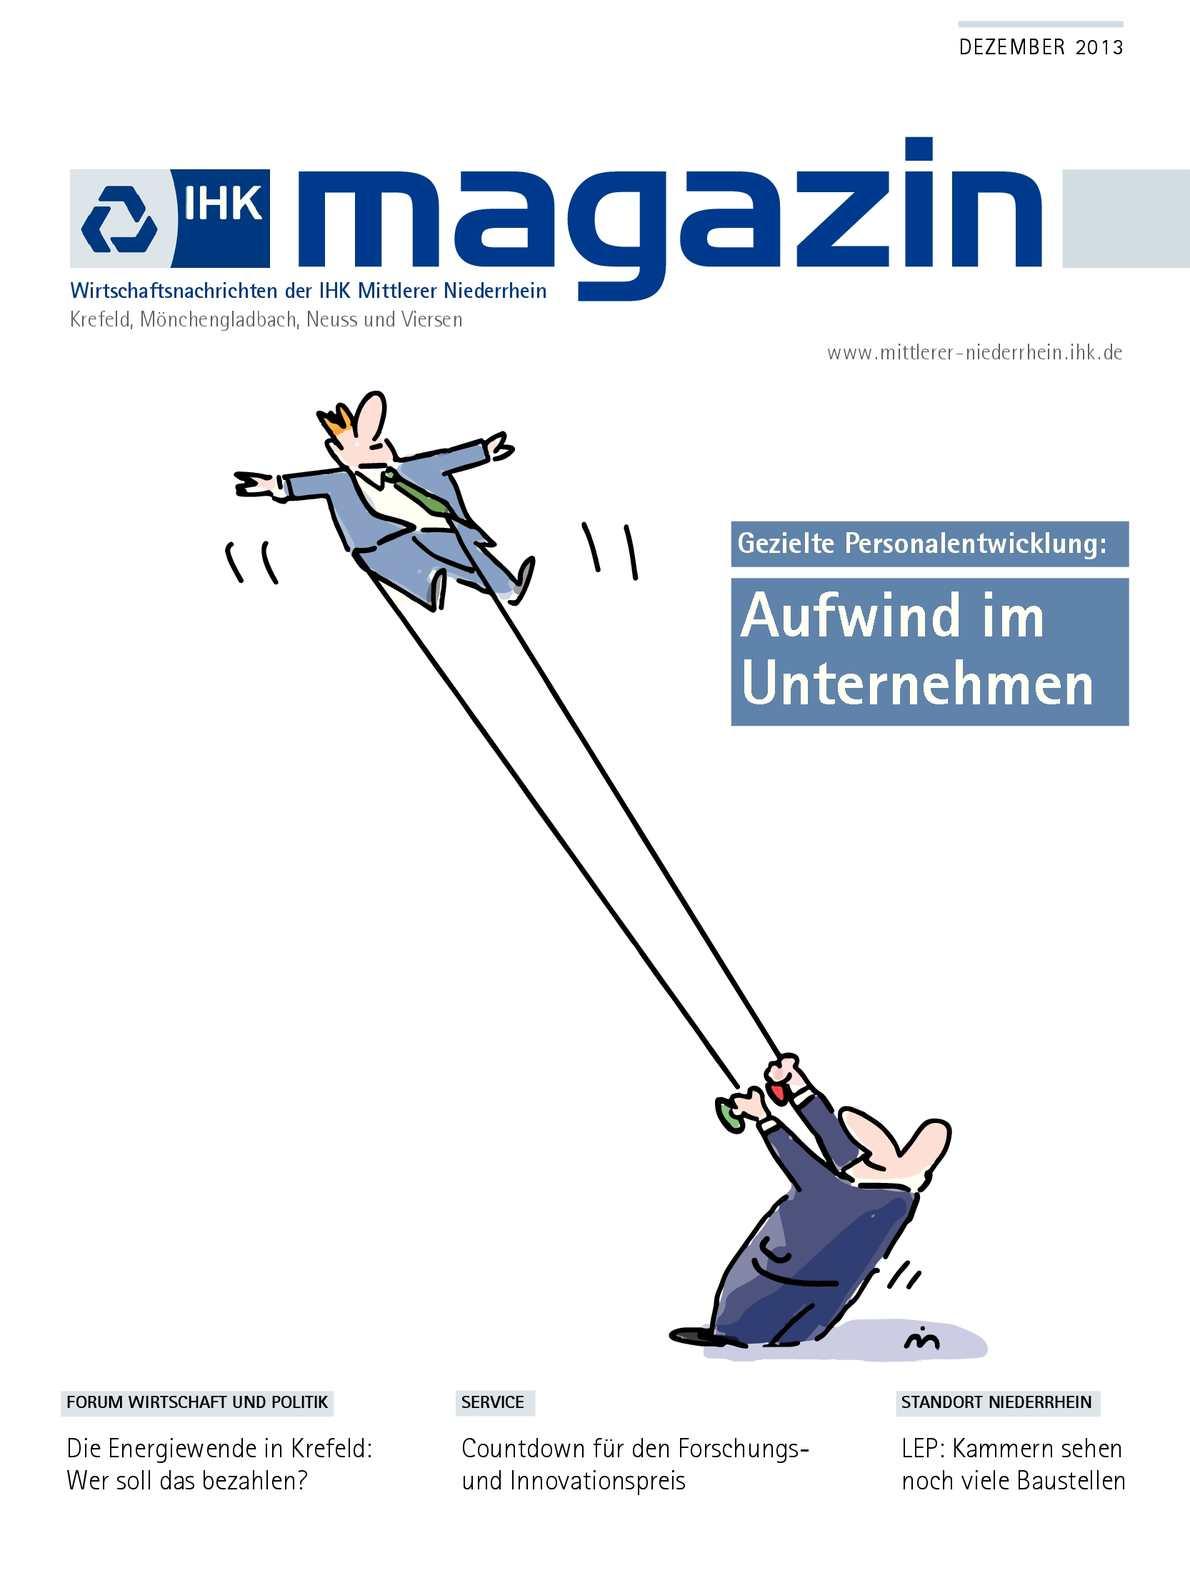 Calaméo - IHK Magazin Dezember 2013